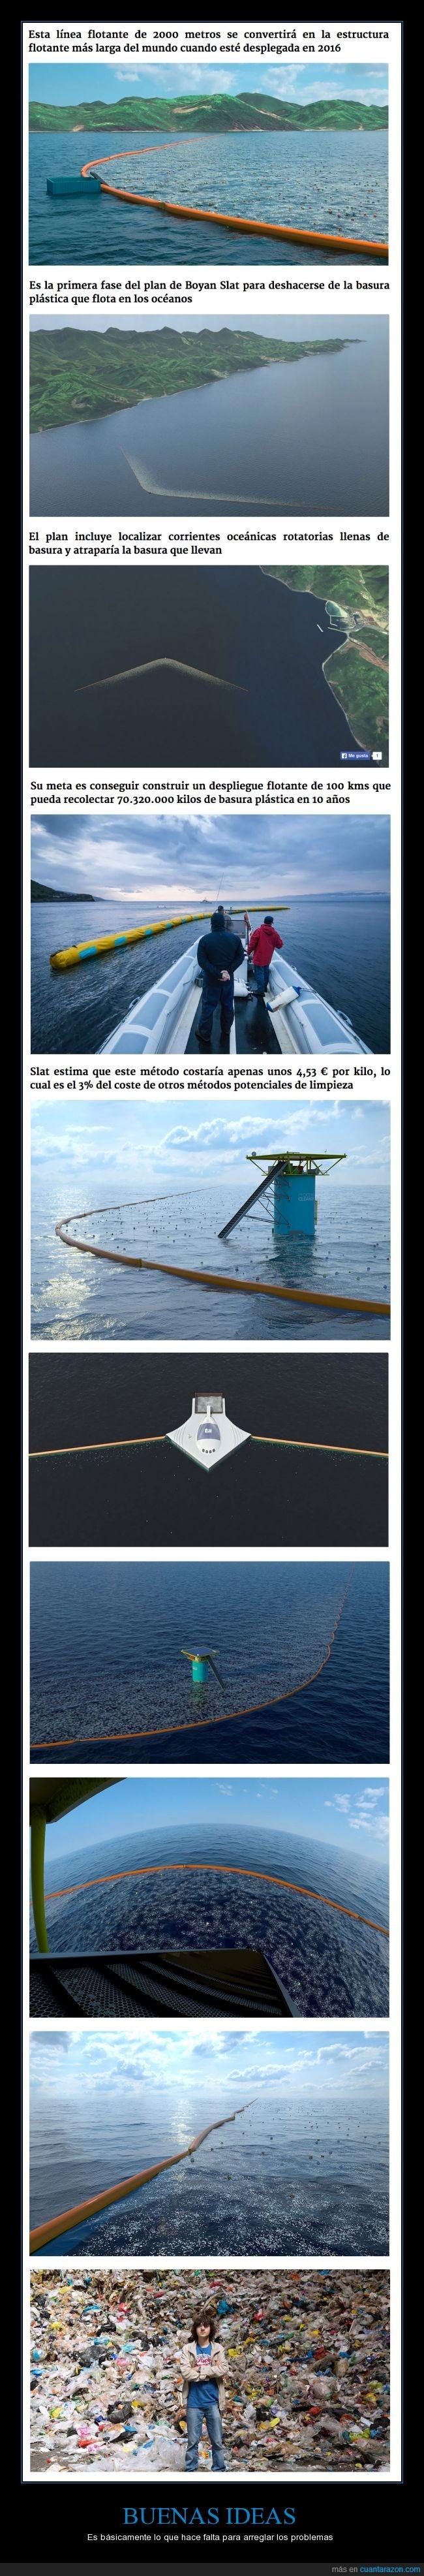 agua,Boyan Slat,ecologico,joven,limpiar,mar,plastico,red,residuo,suciedad